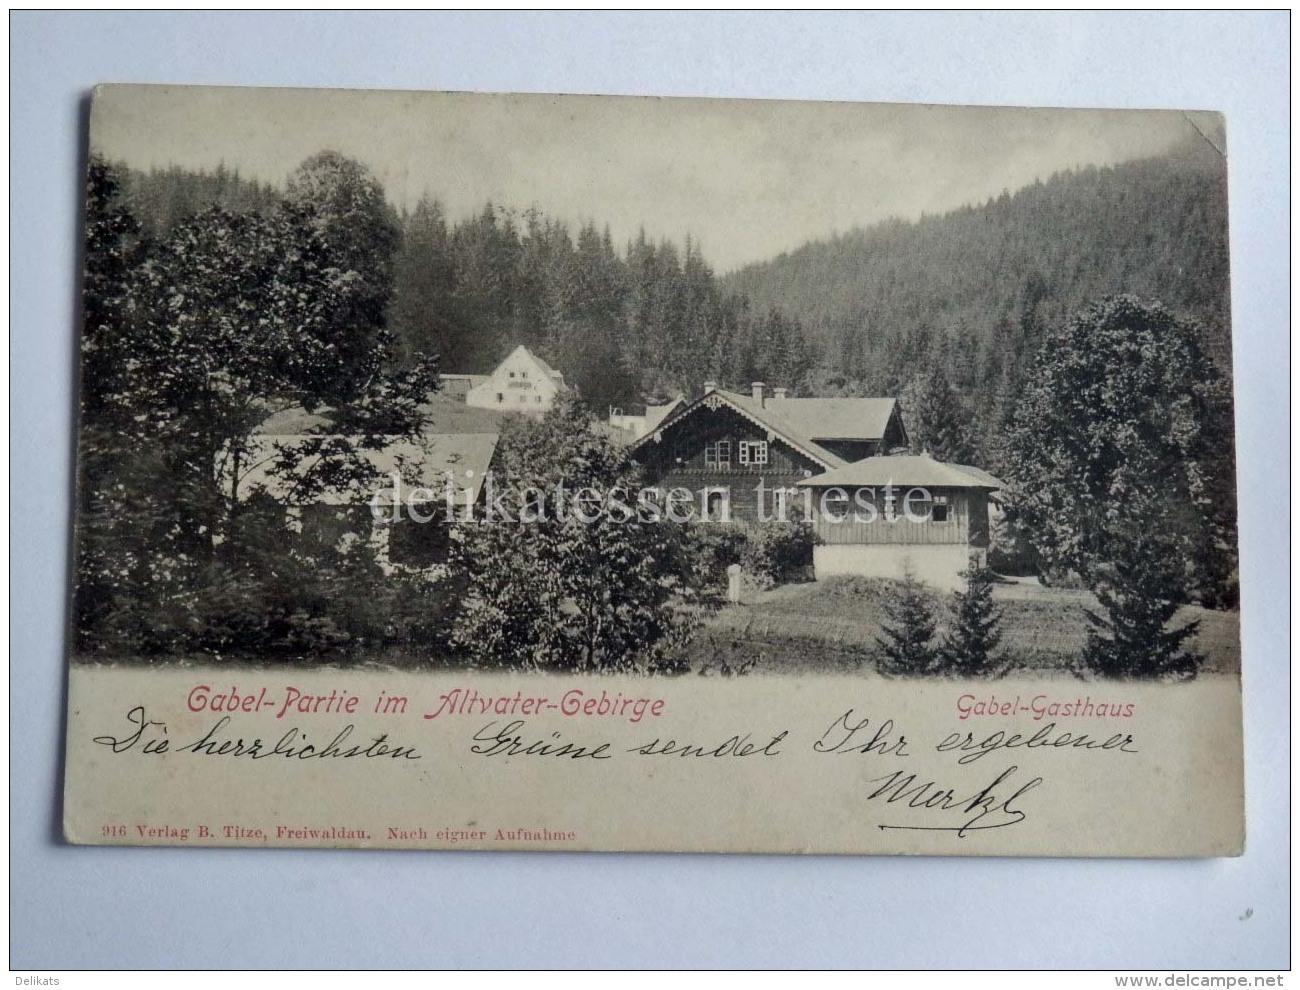 CECHIA CECA Republika Altvatergebirge Hohes Gesenke Gabel Gasthaus AK Old Postcard - Repubblica Ceca